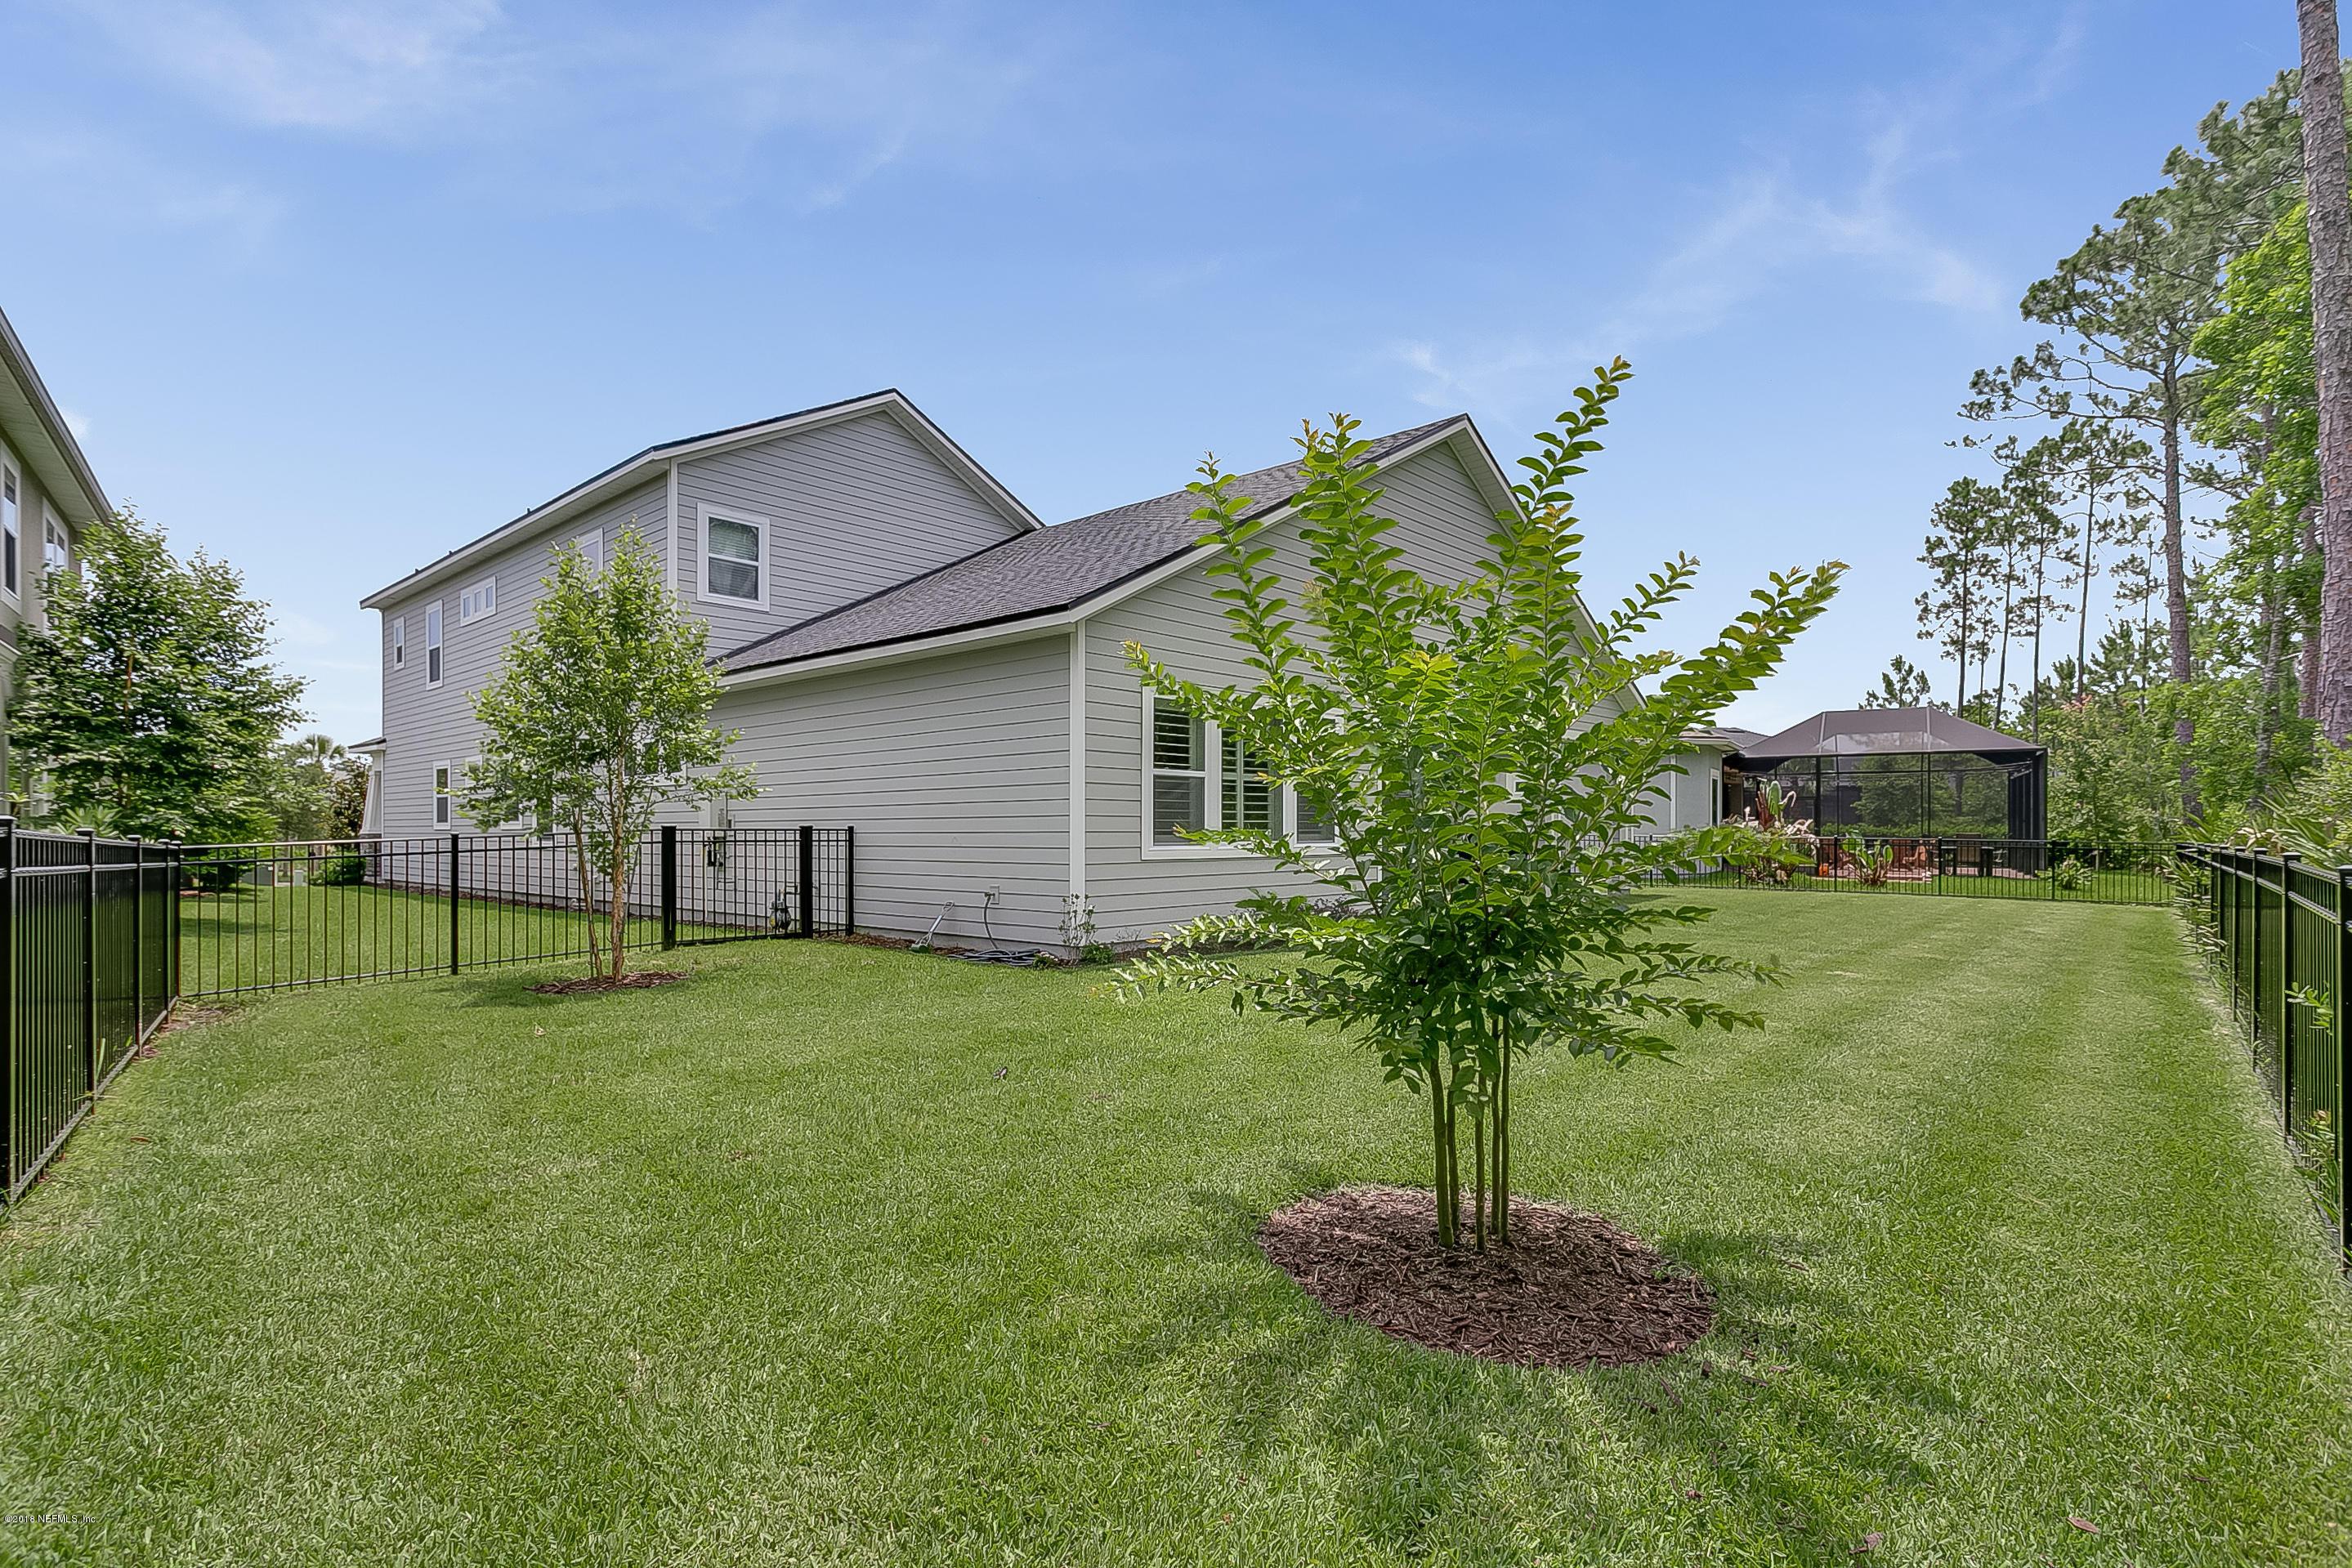 66 BONITA VISTA, PONTE VEDRA, FLORIDA 32081, 4 Bedrooms Bedrooms, ,3 BathroomsBathrooms,Residential - single family,For sale,BONITA VISTA,941548